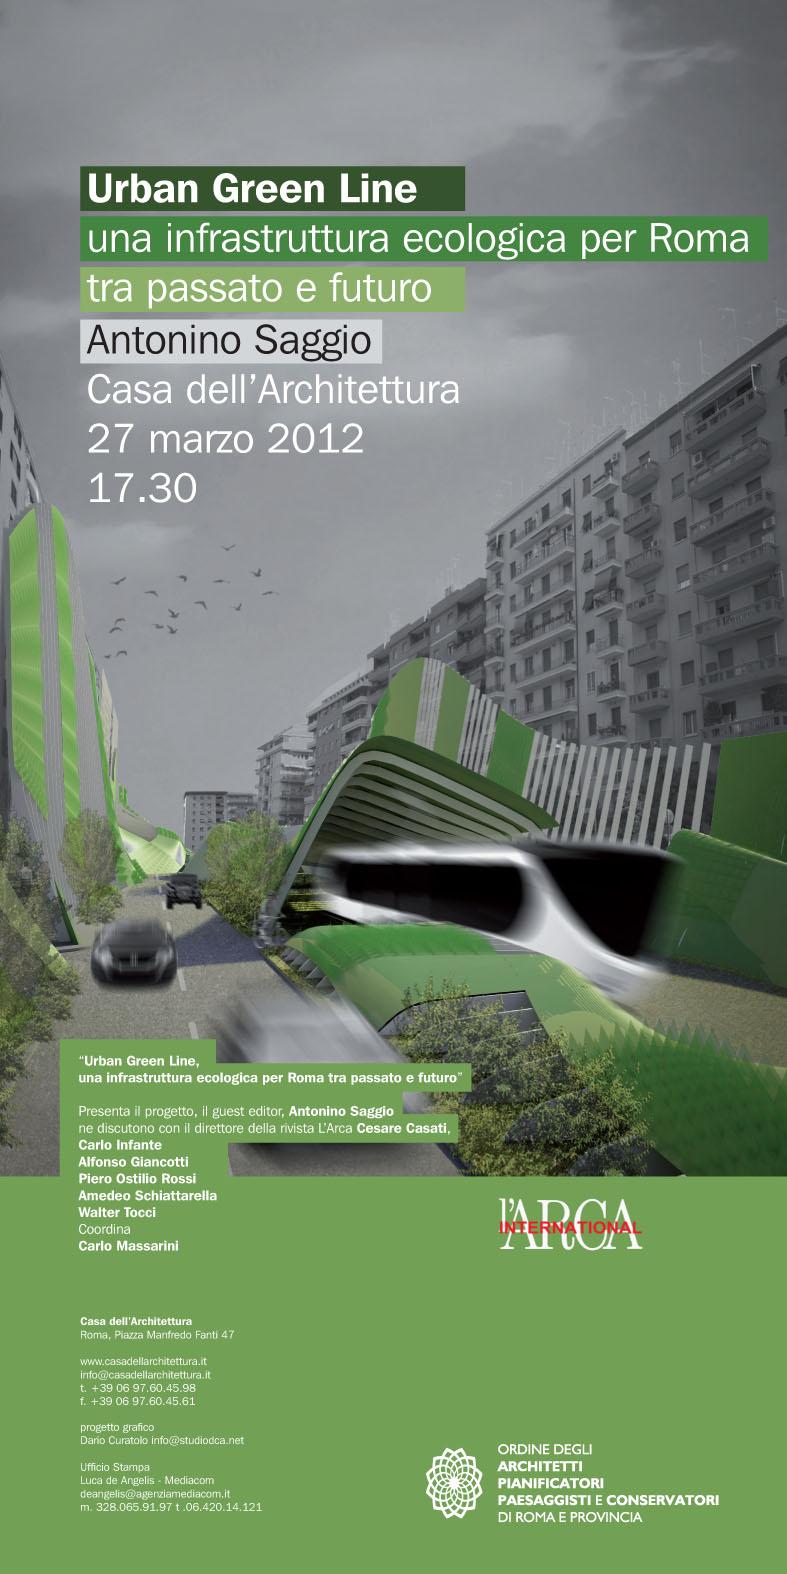 riunione architettura musica ecologia